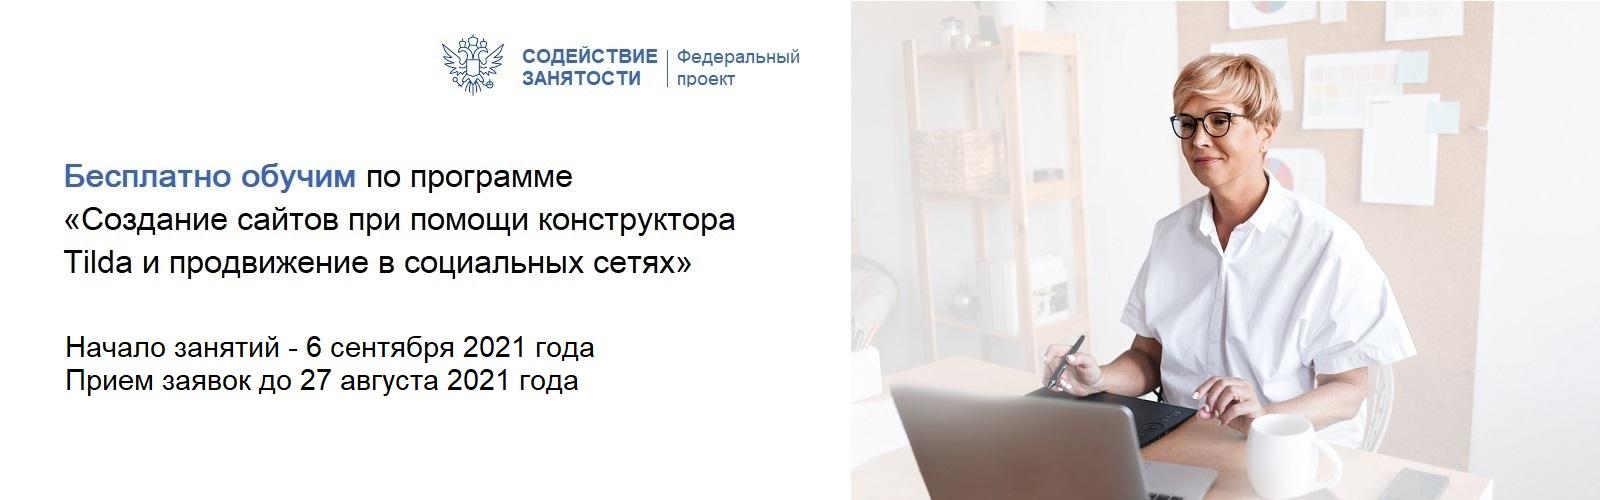 1 ФП СЗН - Tilda